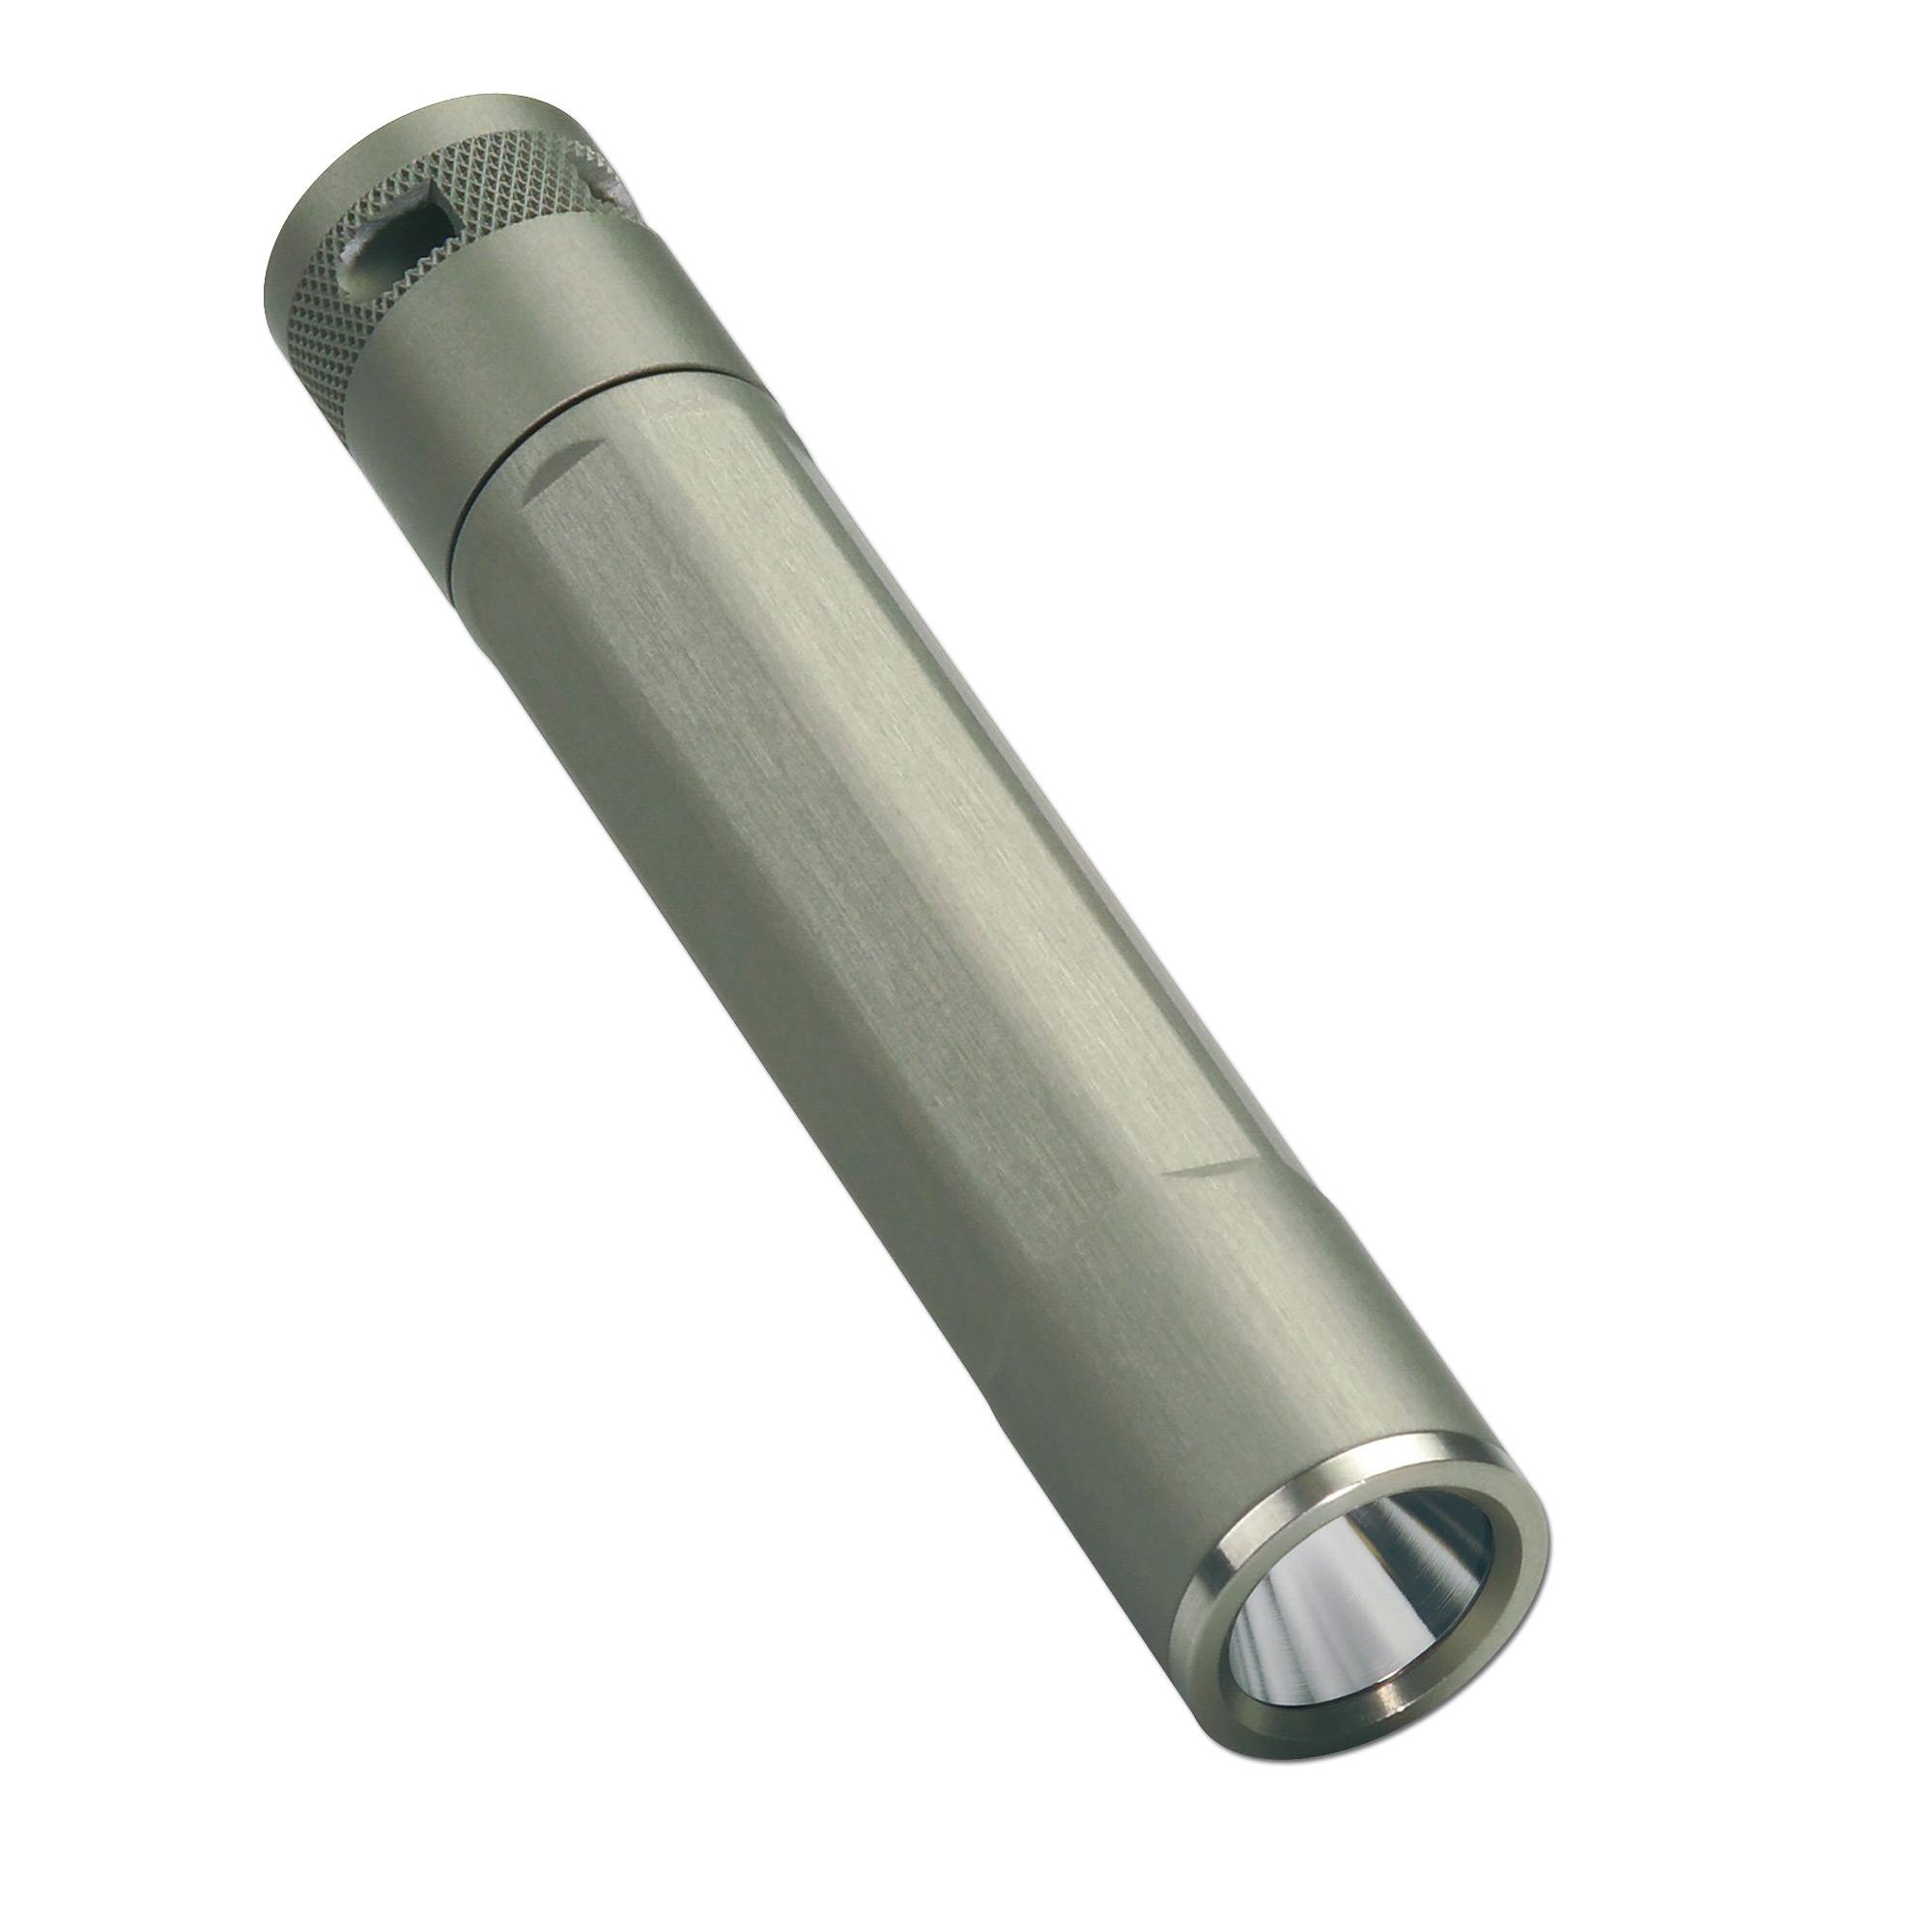 Lampe Inova X1 Titan weiss